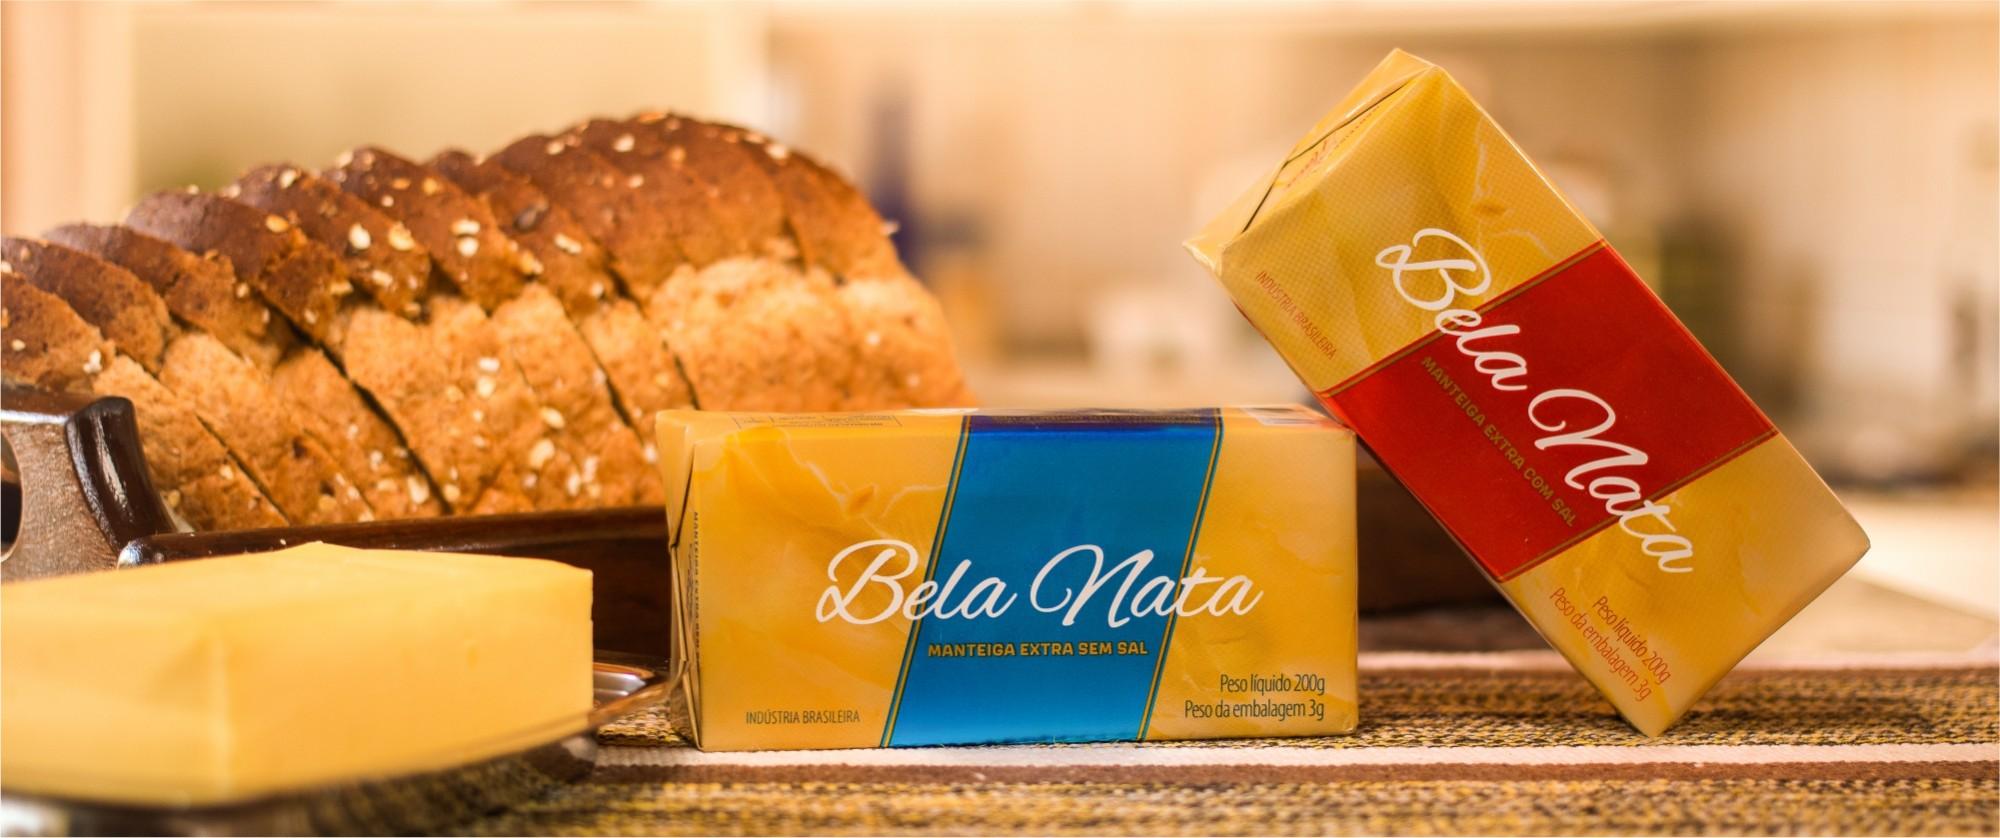 Manteiga Bela Nata